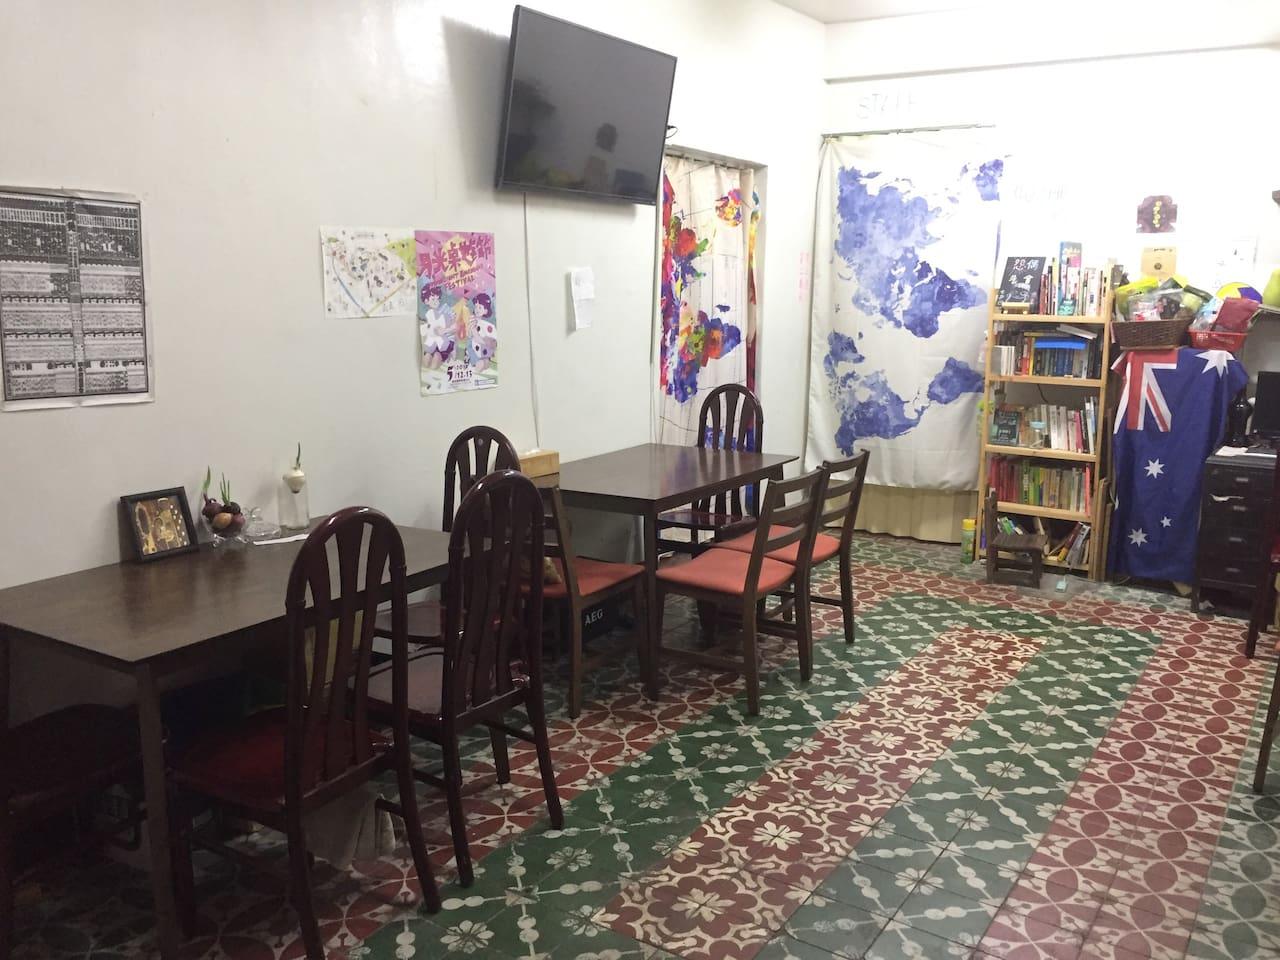 1樓桌遊及餐飲空間